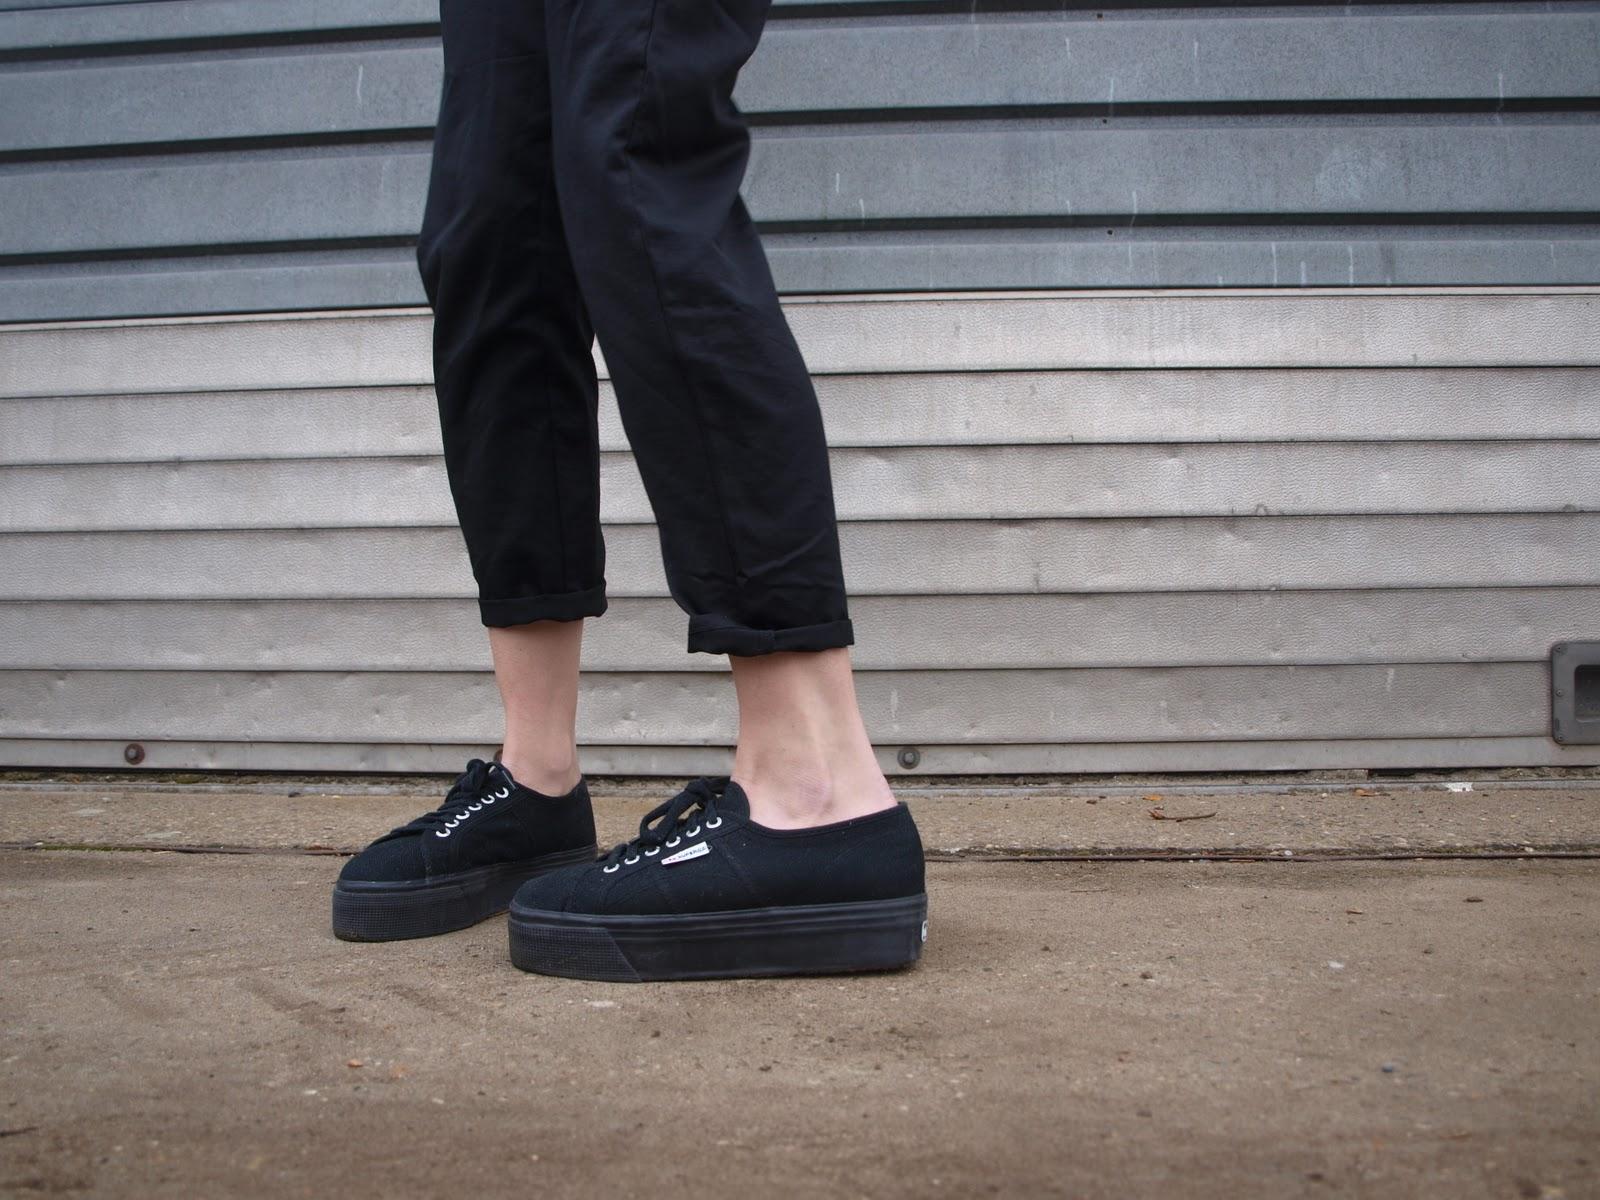 b03d4d4cca Los noventas están de regreso junto con uno de sus íconos: las zapatillas de  plataforma, odiadas y amadas por muchos. Aunque nadie puede negar que son  un ...